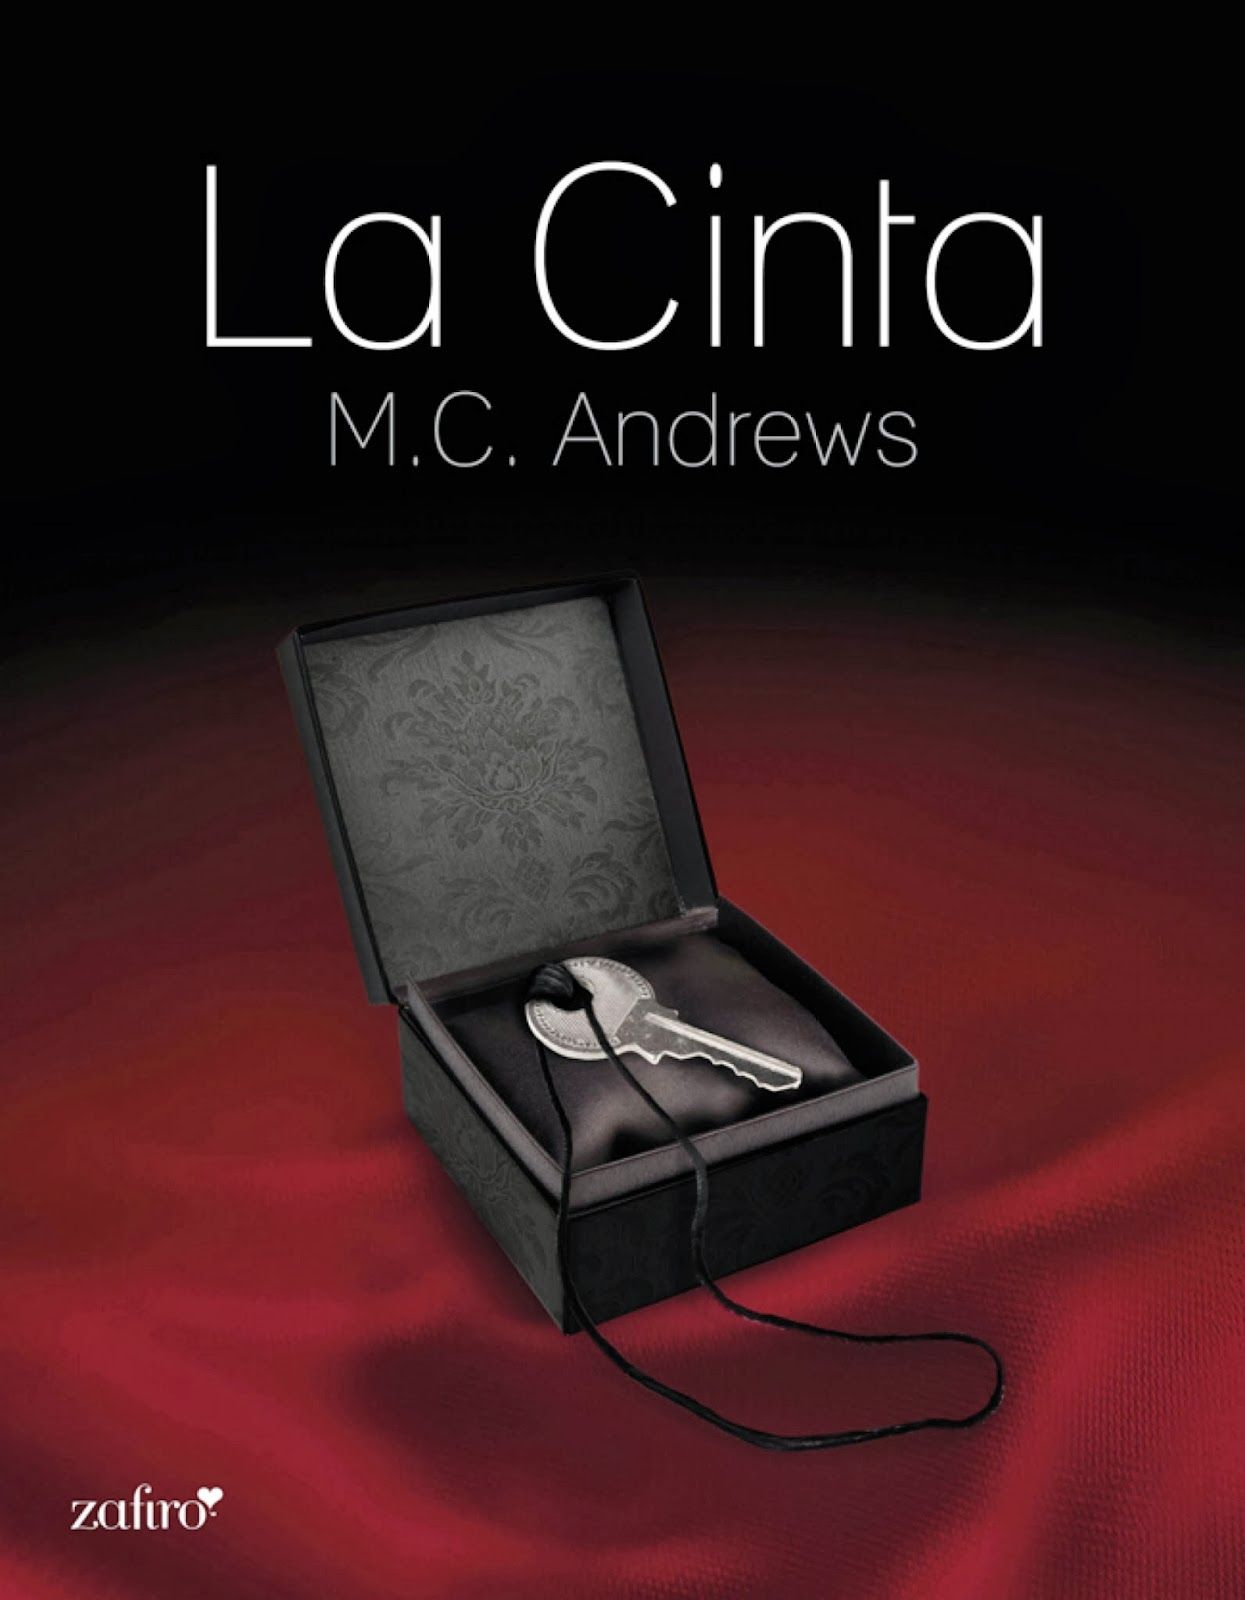 Descarga La Cinta M C Andrews Https Ift Tt 2d5jn1t Libros Eróticos Libros Romanticos Libros